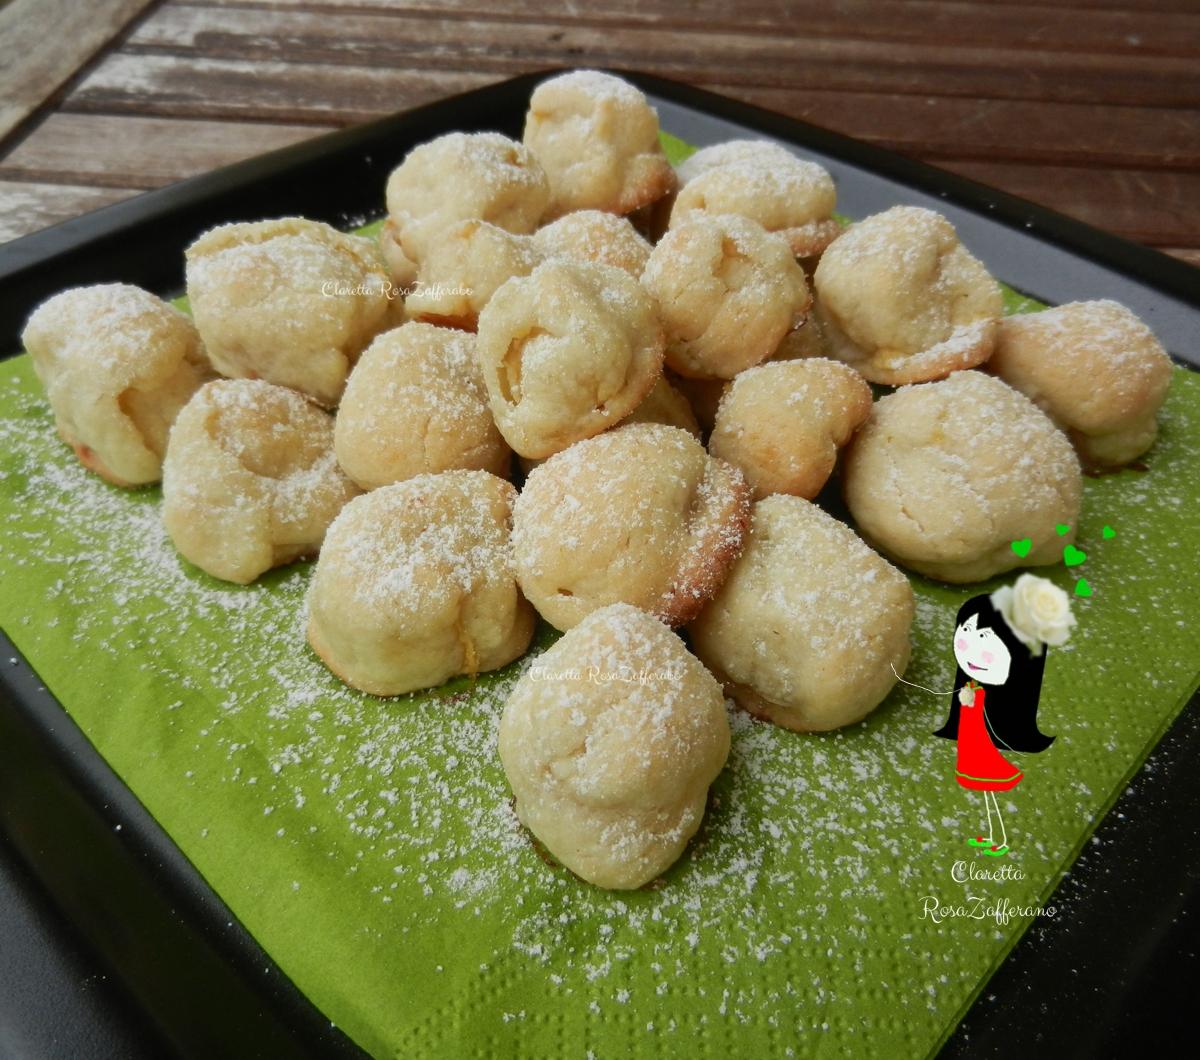 Dolcetti di frolla con cuore di mela, Ricetta dolce, Claretta, RosaZafferano